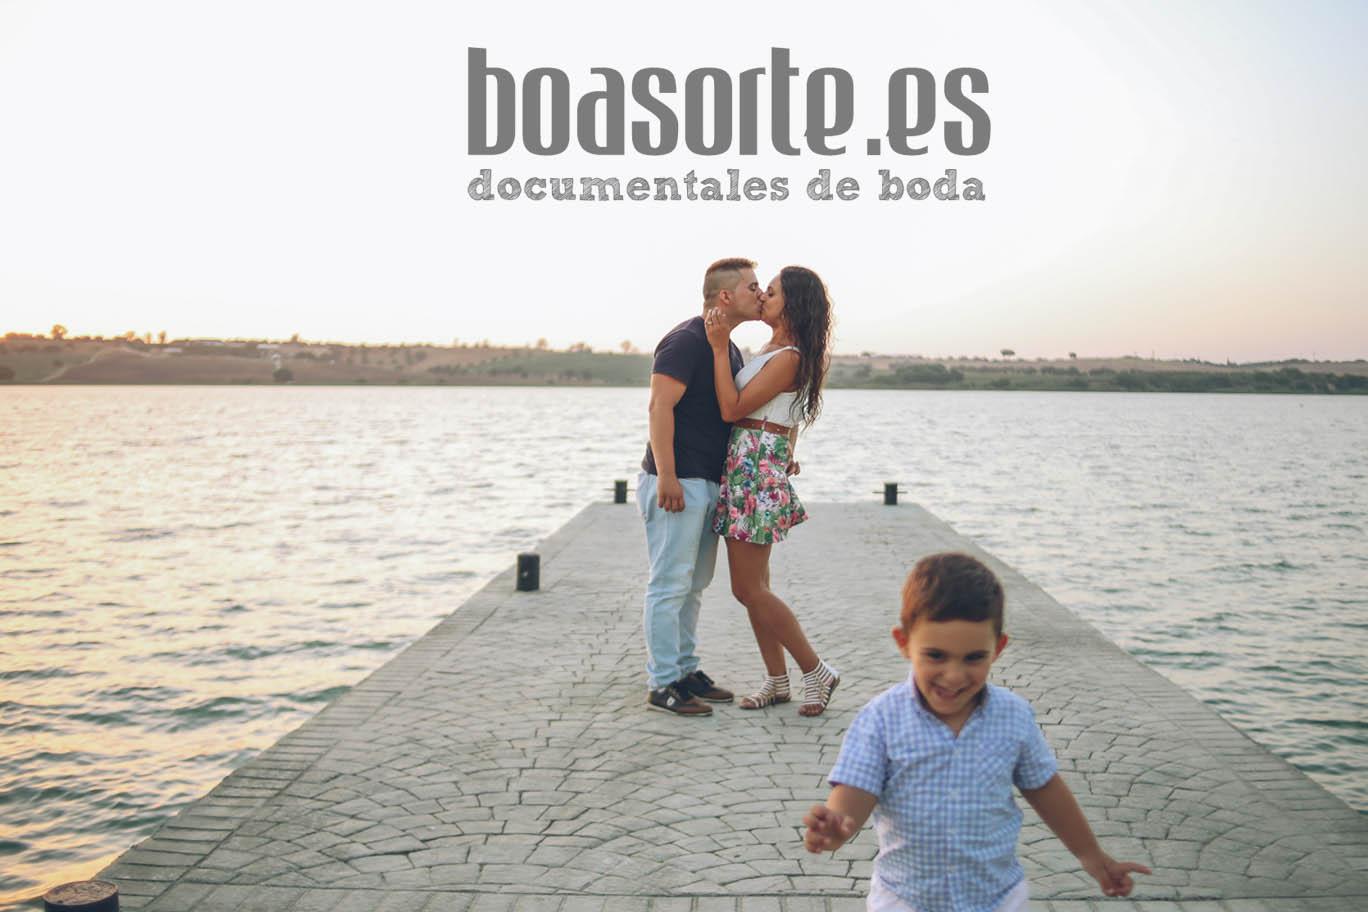 fotografia_preboda_en_familia_boasorte7